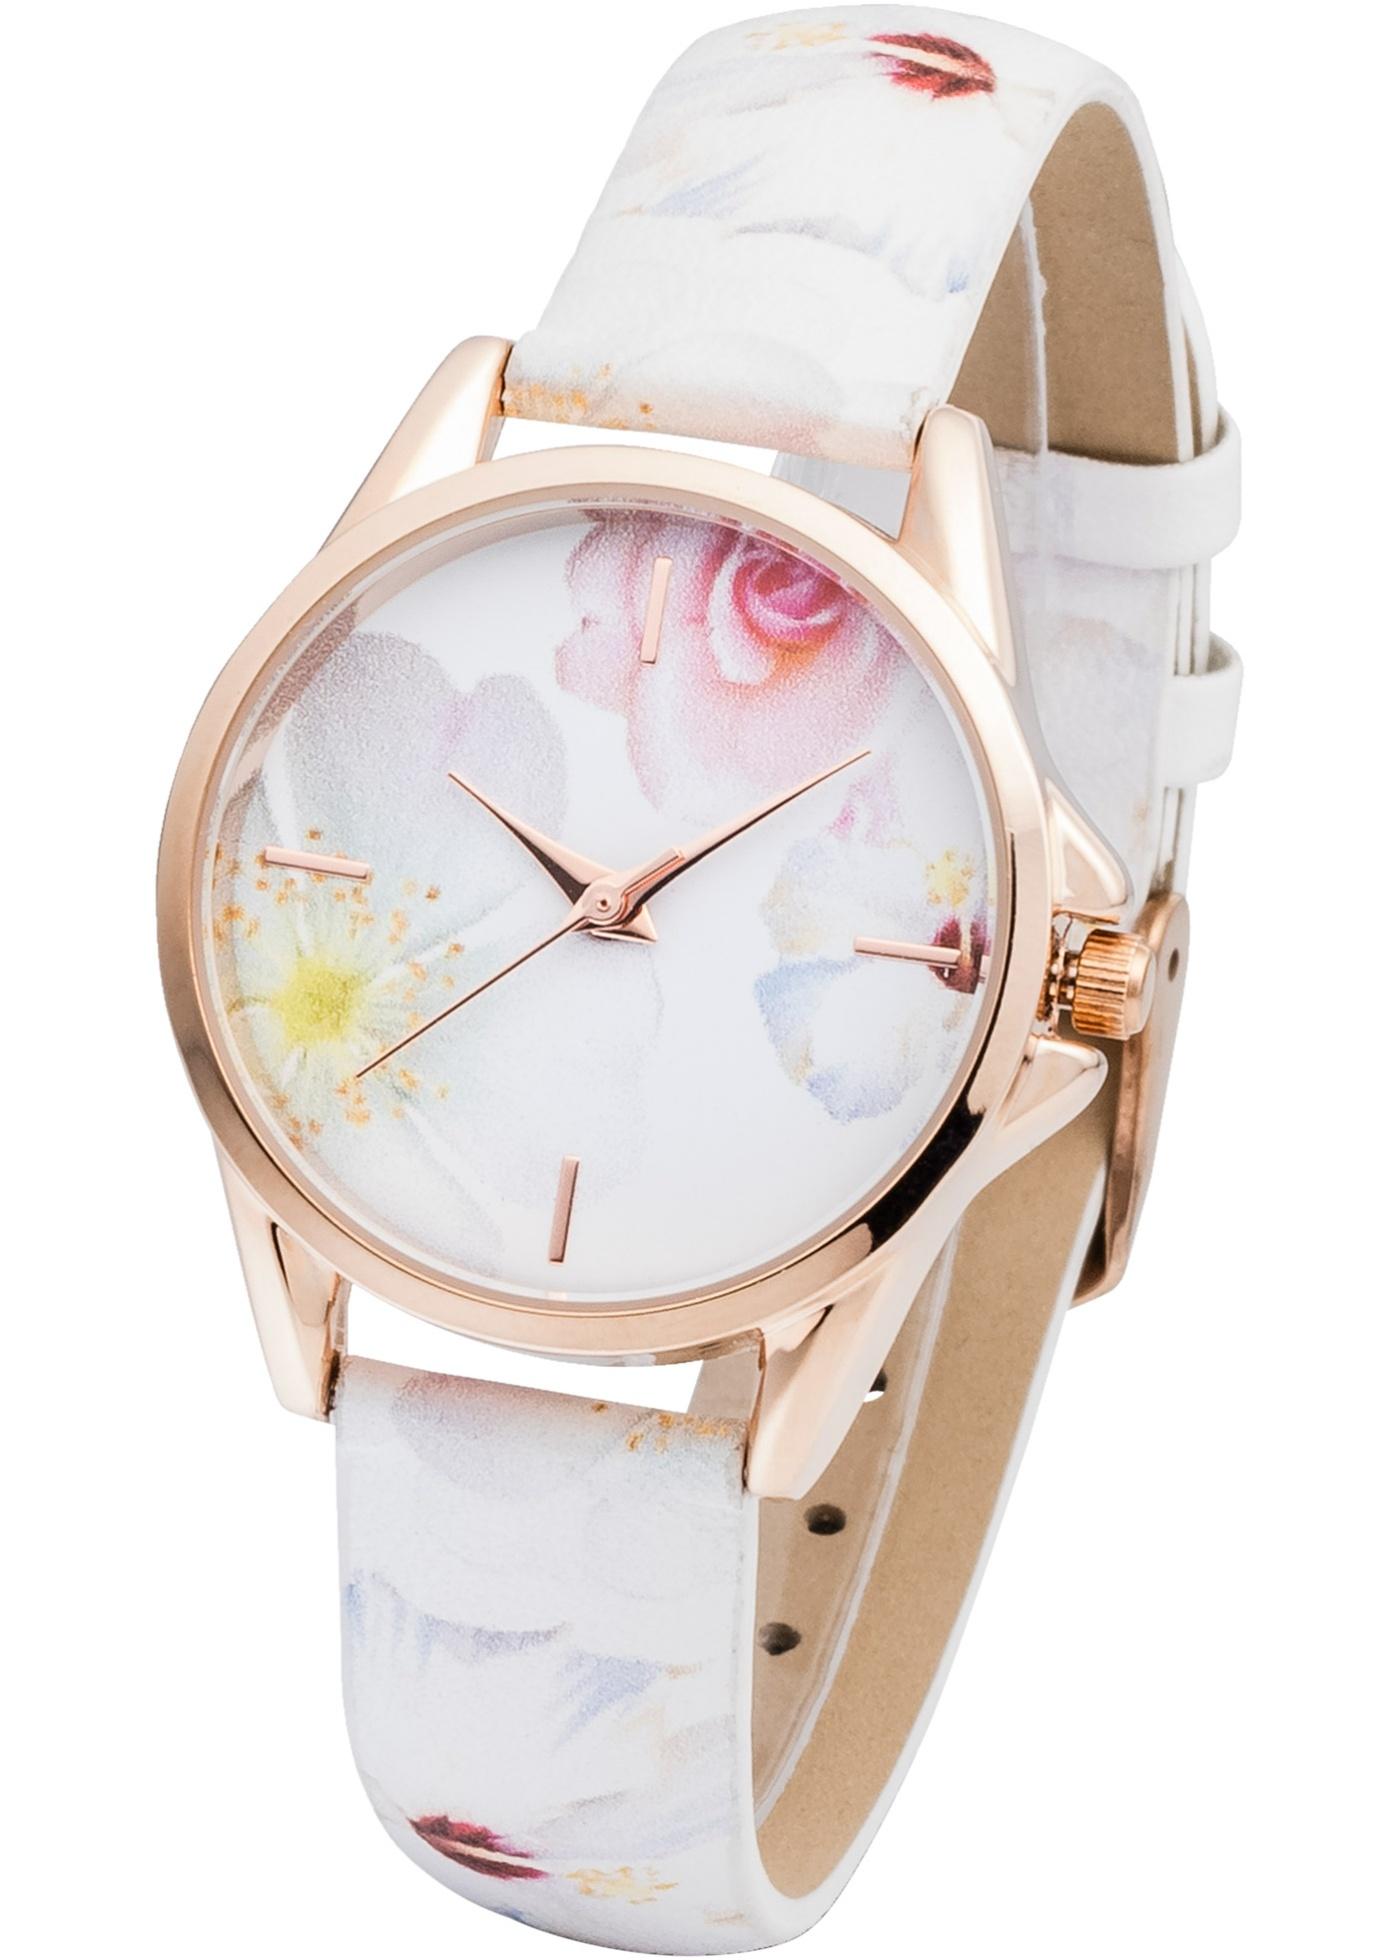 Montre de bpc avec bracelet à motif floral. Prix comprenant éco-participation (F)=0,01€ ou recupel (B) =0,05€.